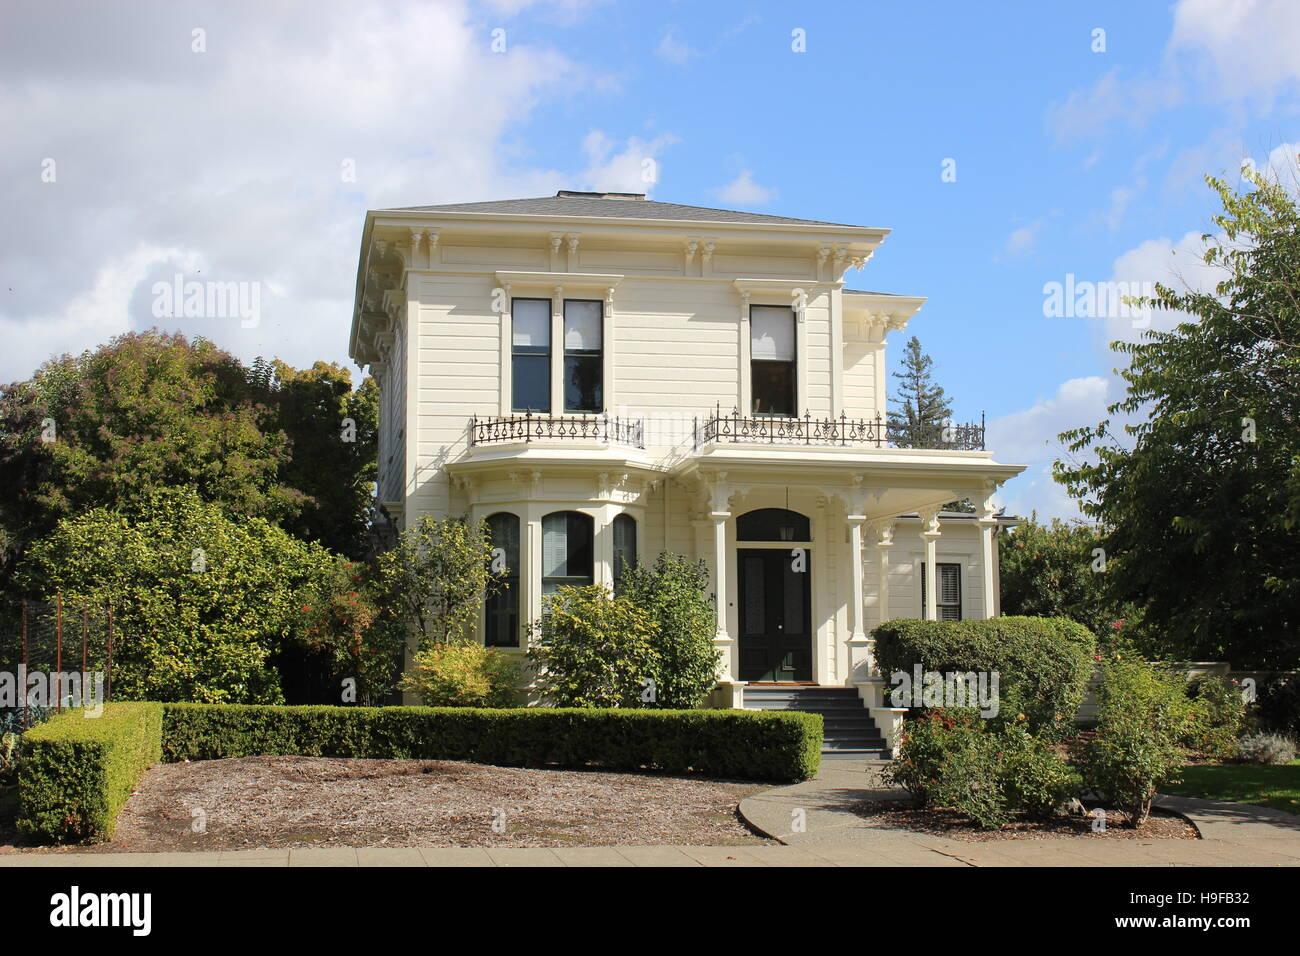 Ombra di dubbio House, italianamente, Santa Rosa, California Immagini Stock